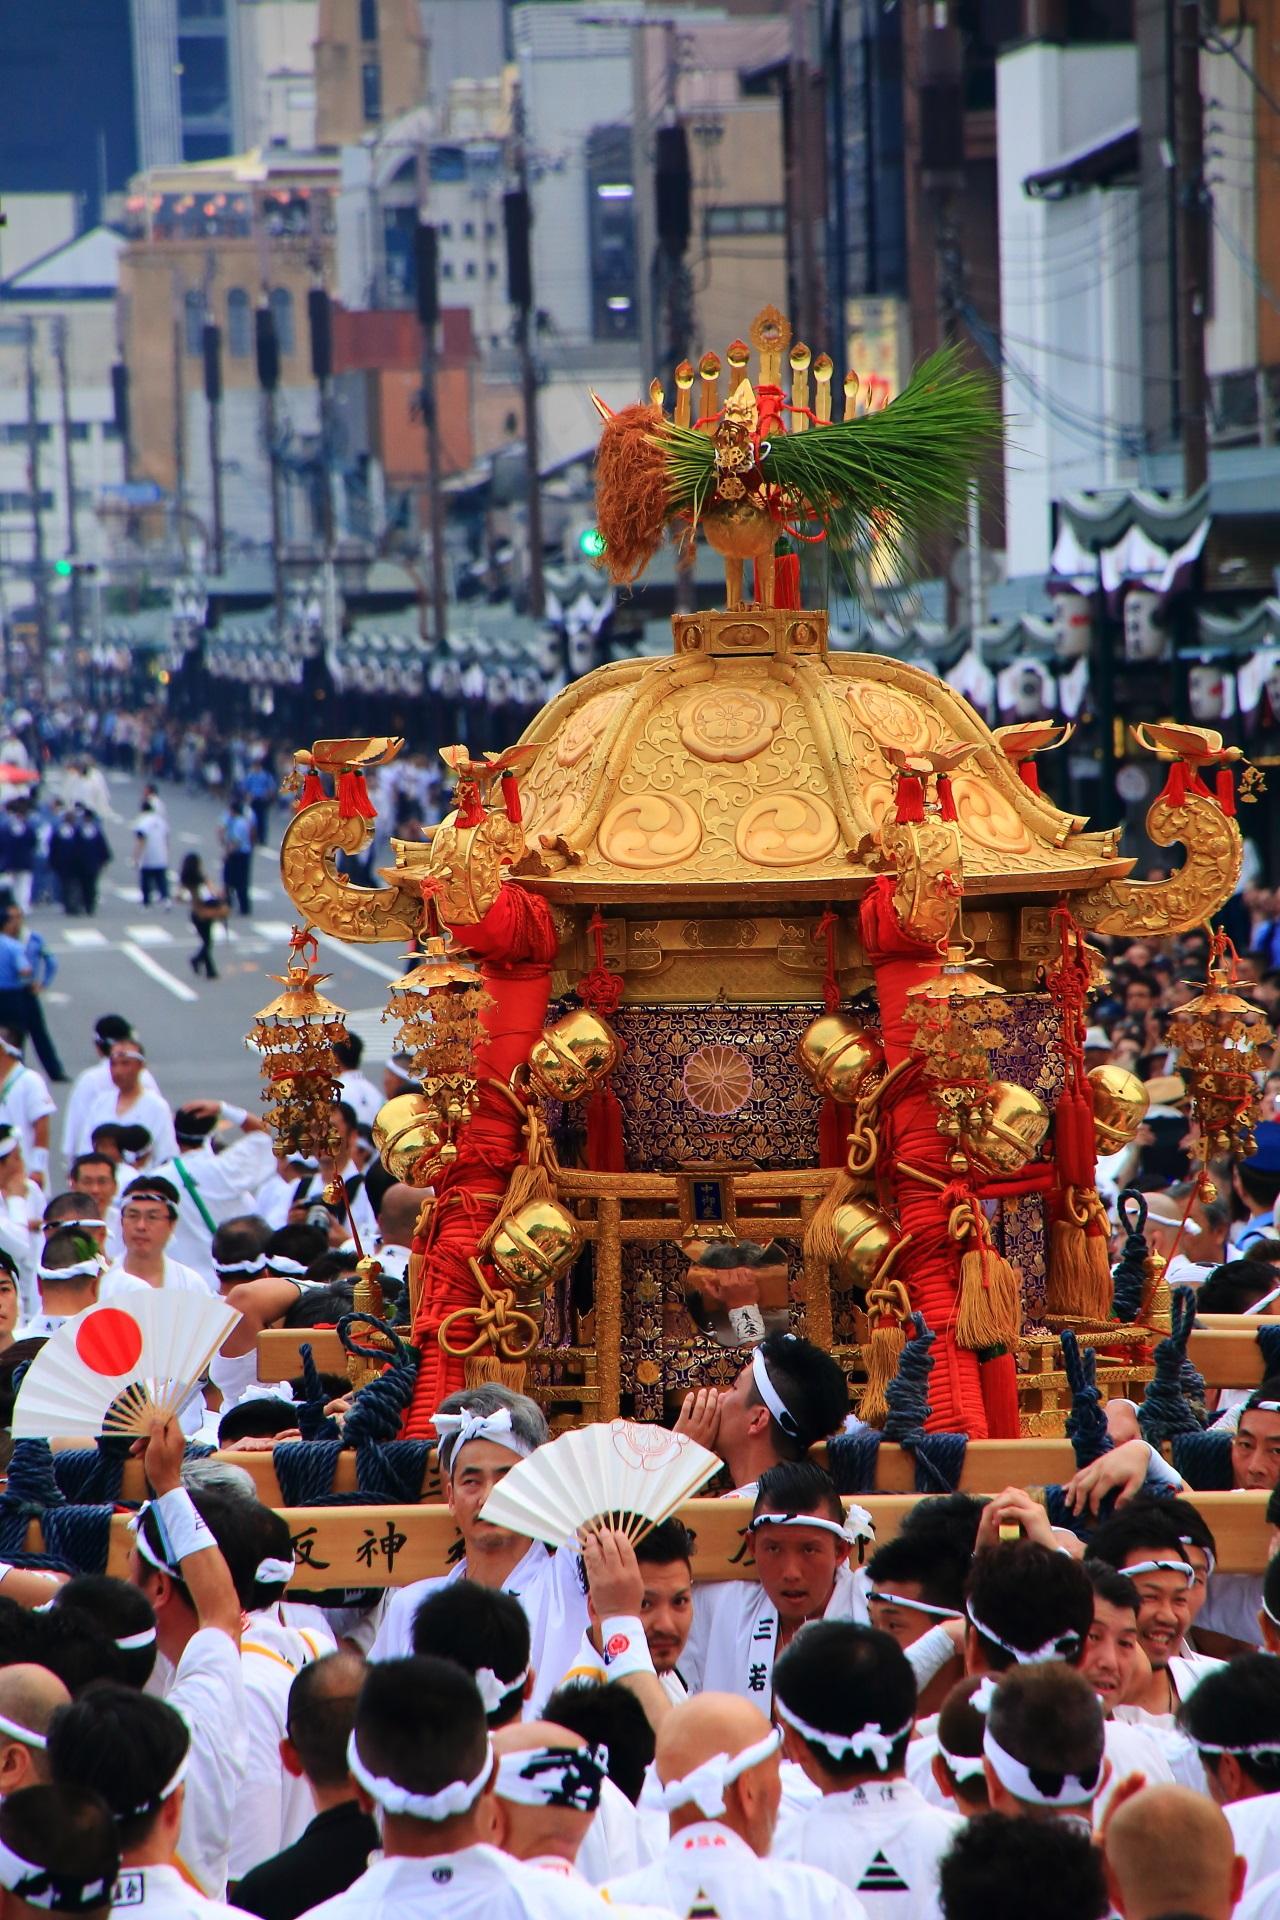 鈴や装飾も見事な神幸祭の煌びやかで豪華なお神輿